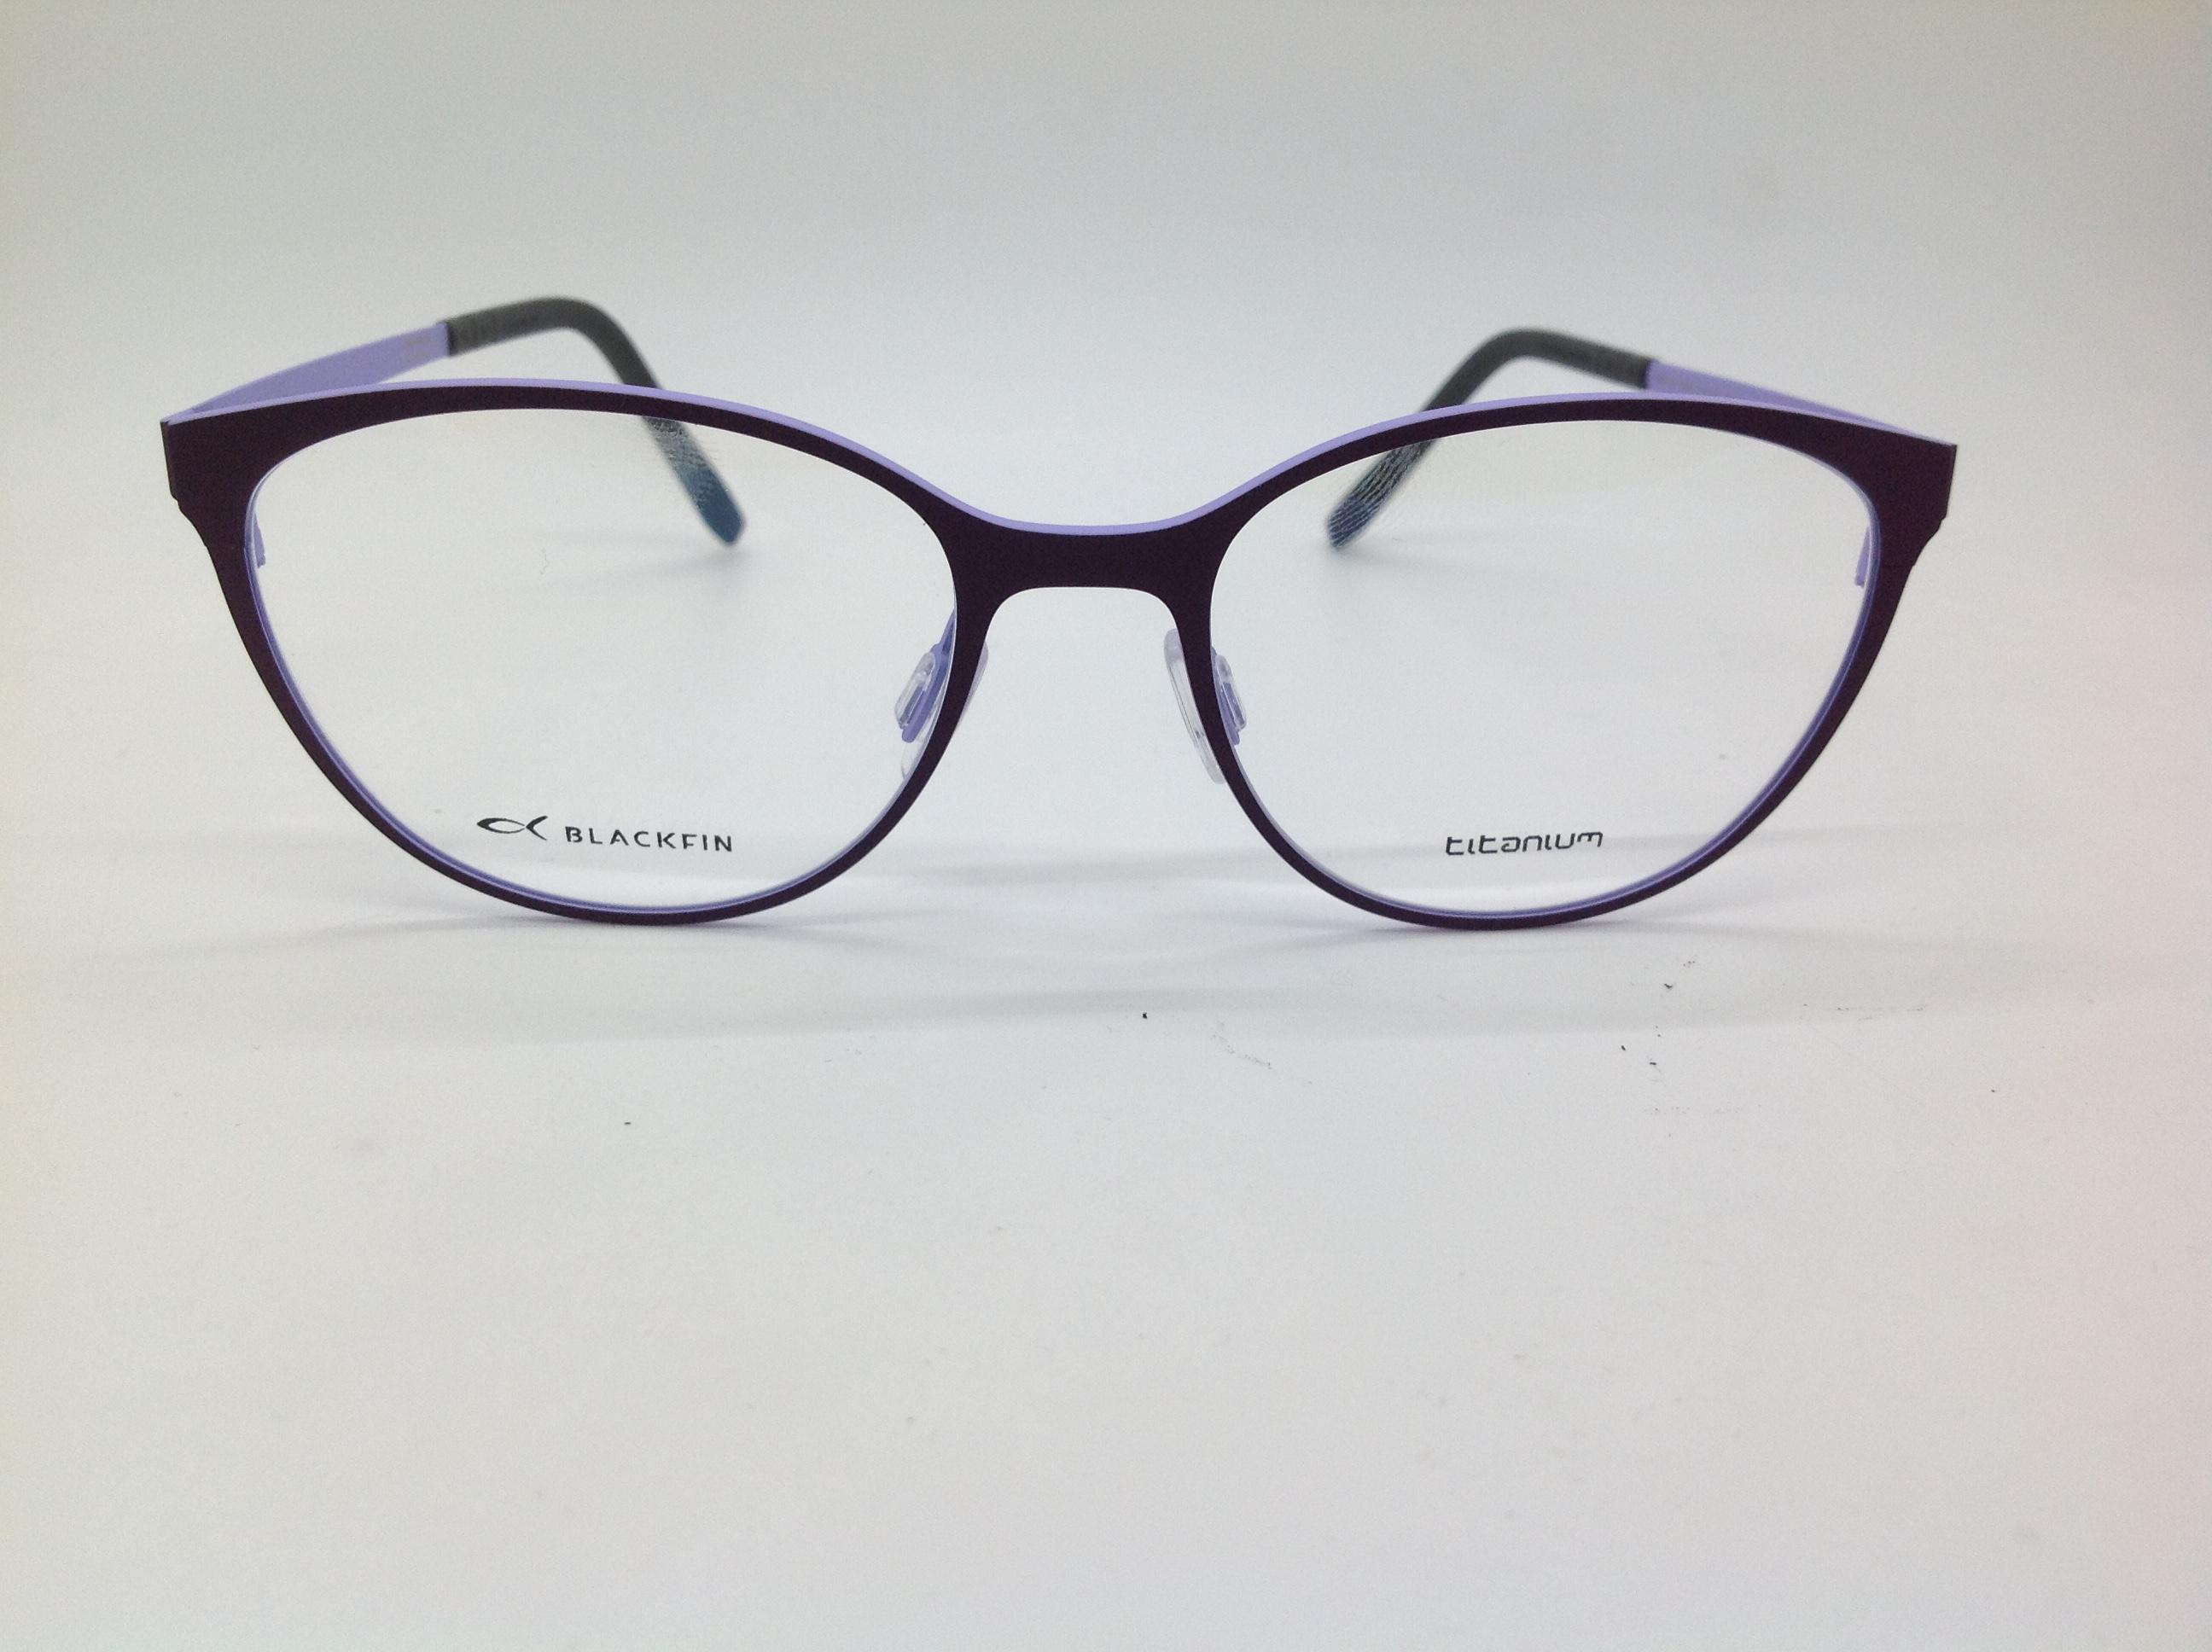 Occhiali da Vista Silhouette 5451 6060 ulXdkTu